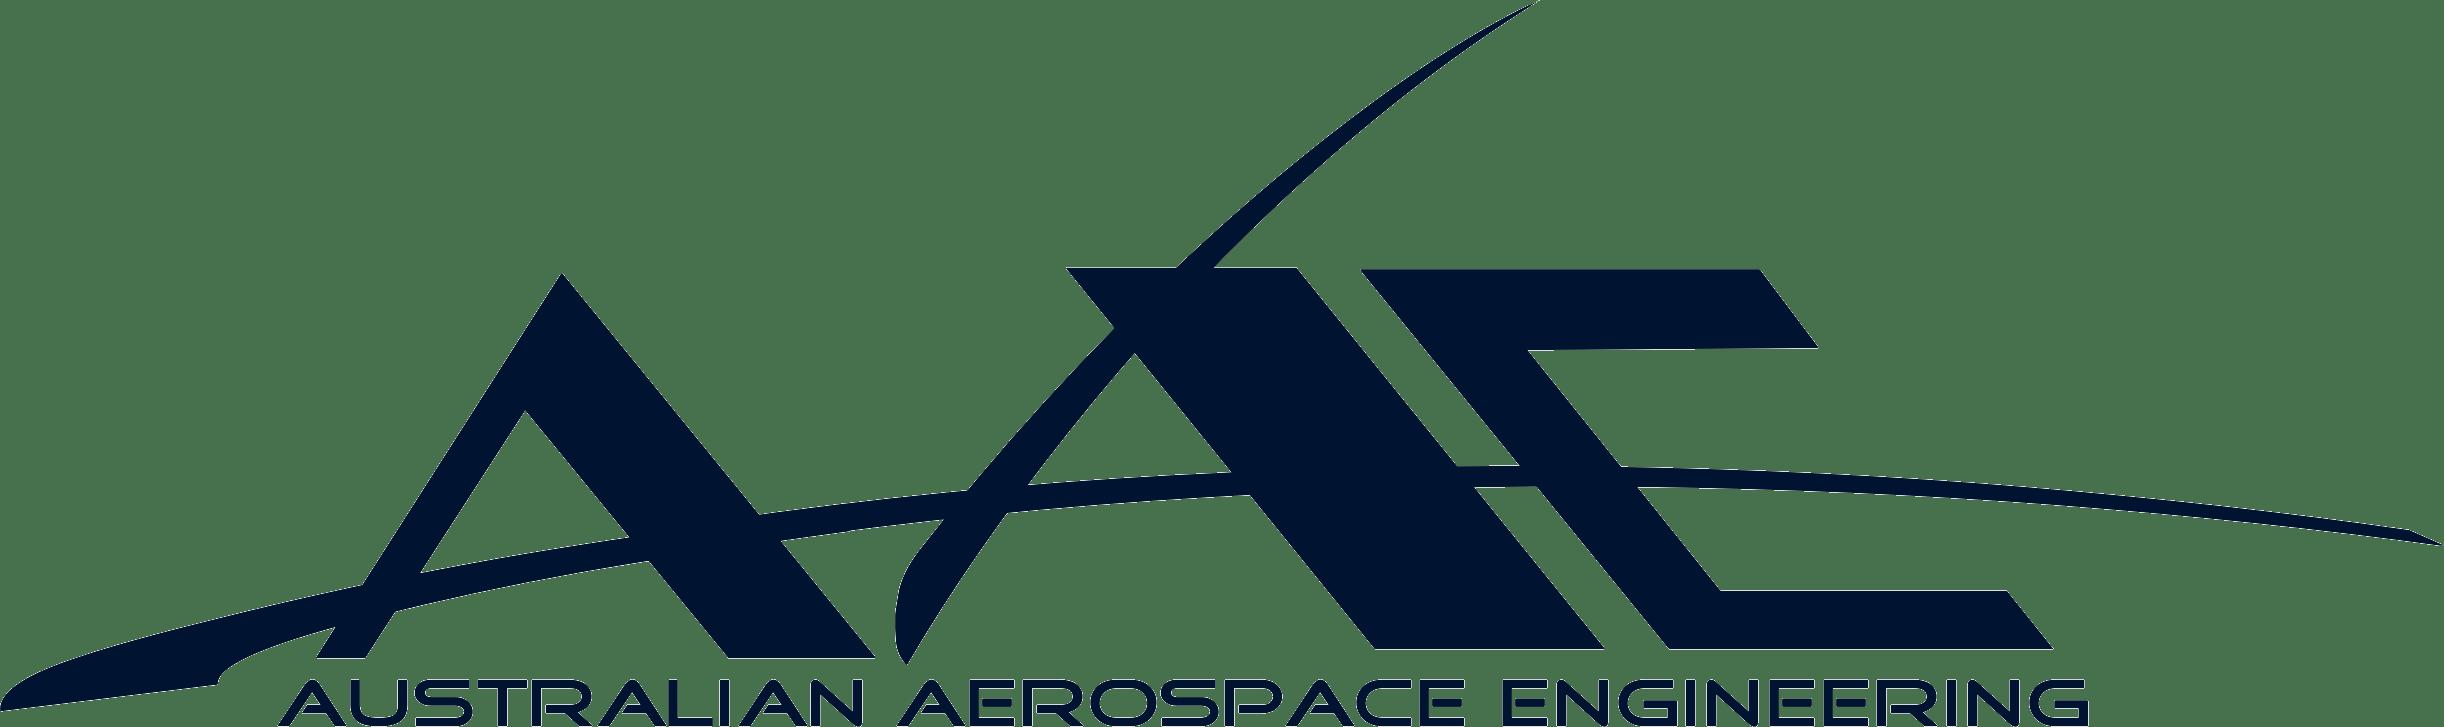 Australian Aerospace Engineering company logo